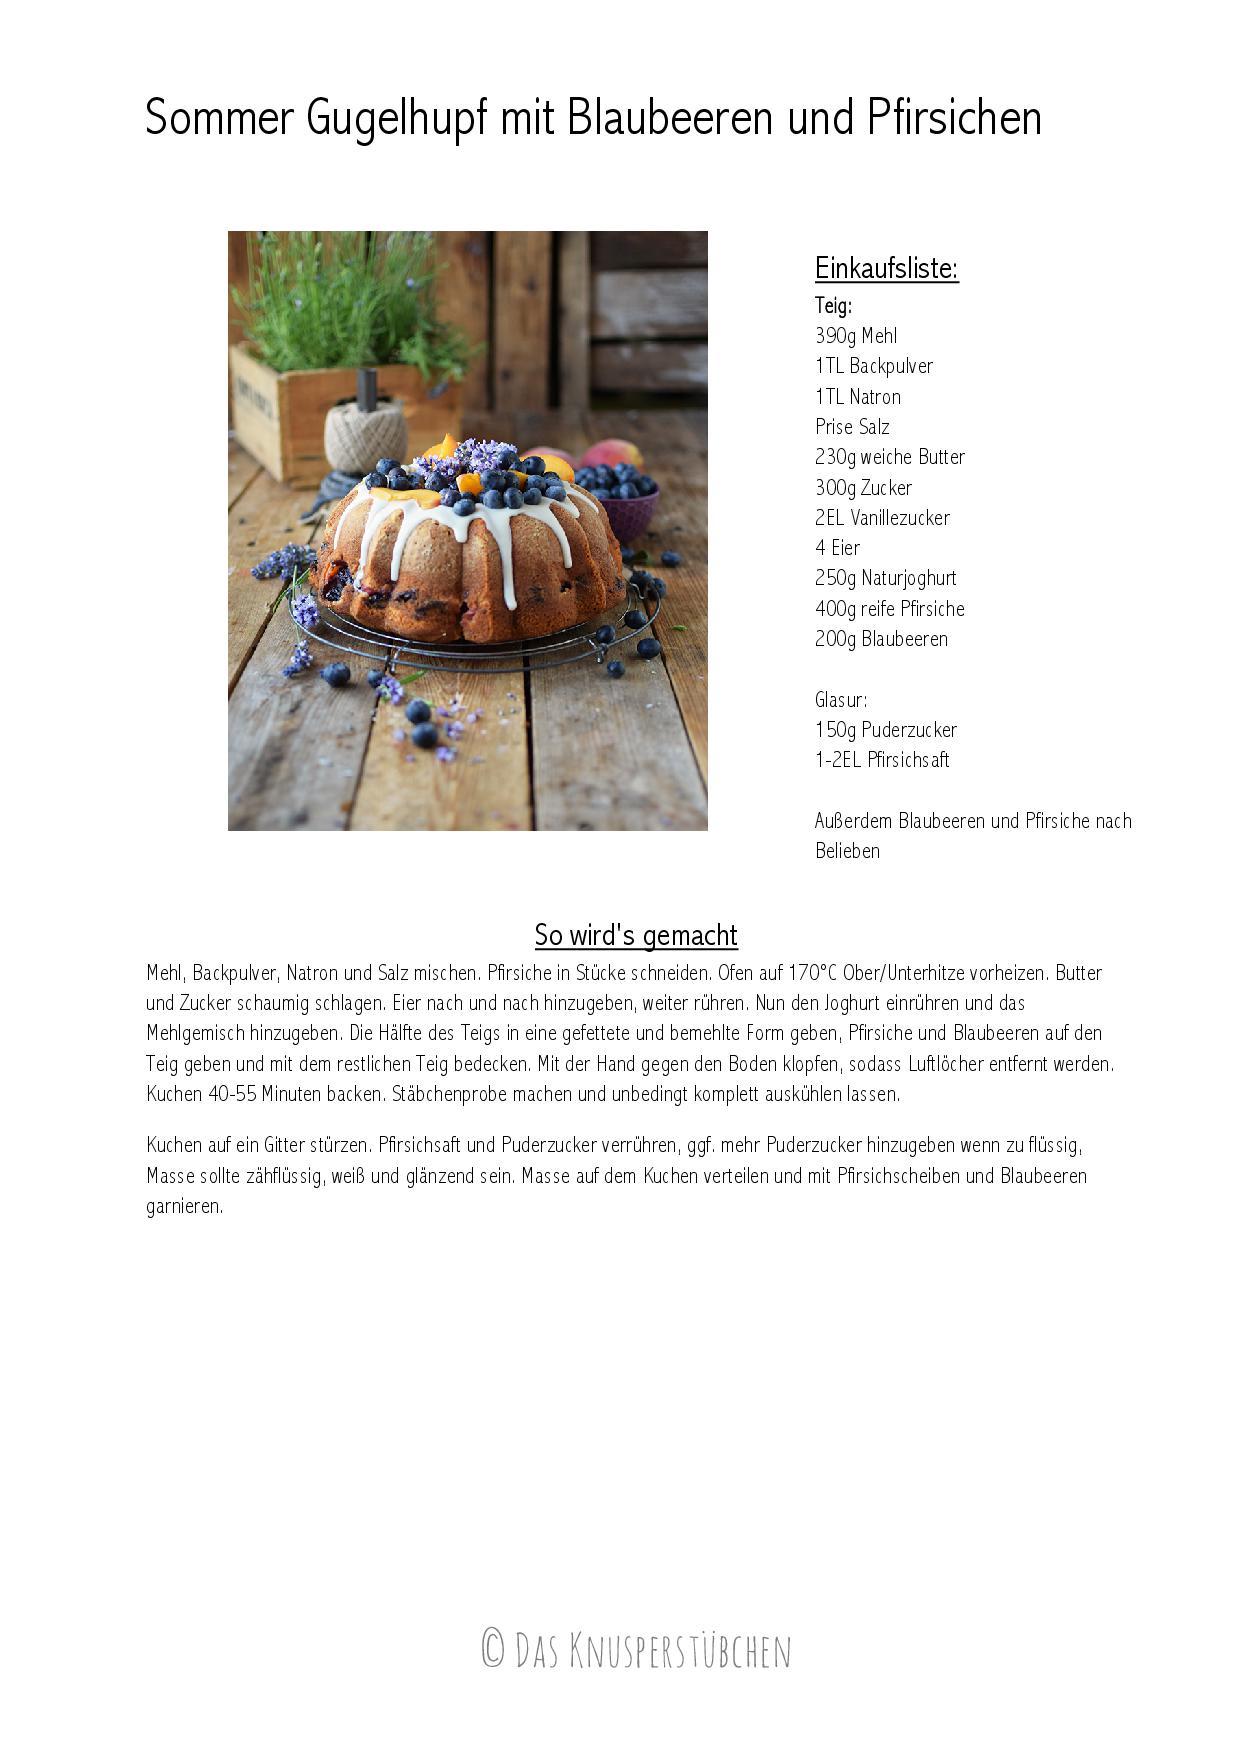 Sommer Gugelhupf mit Blaubeeren und Pfirsichen-001